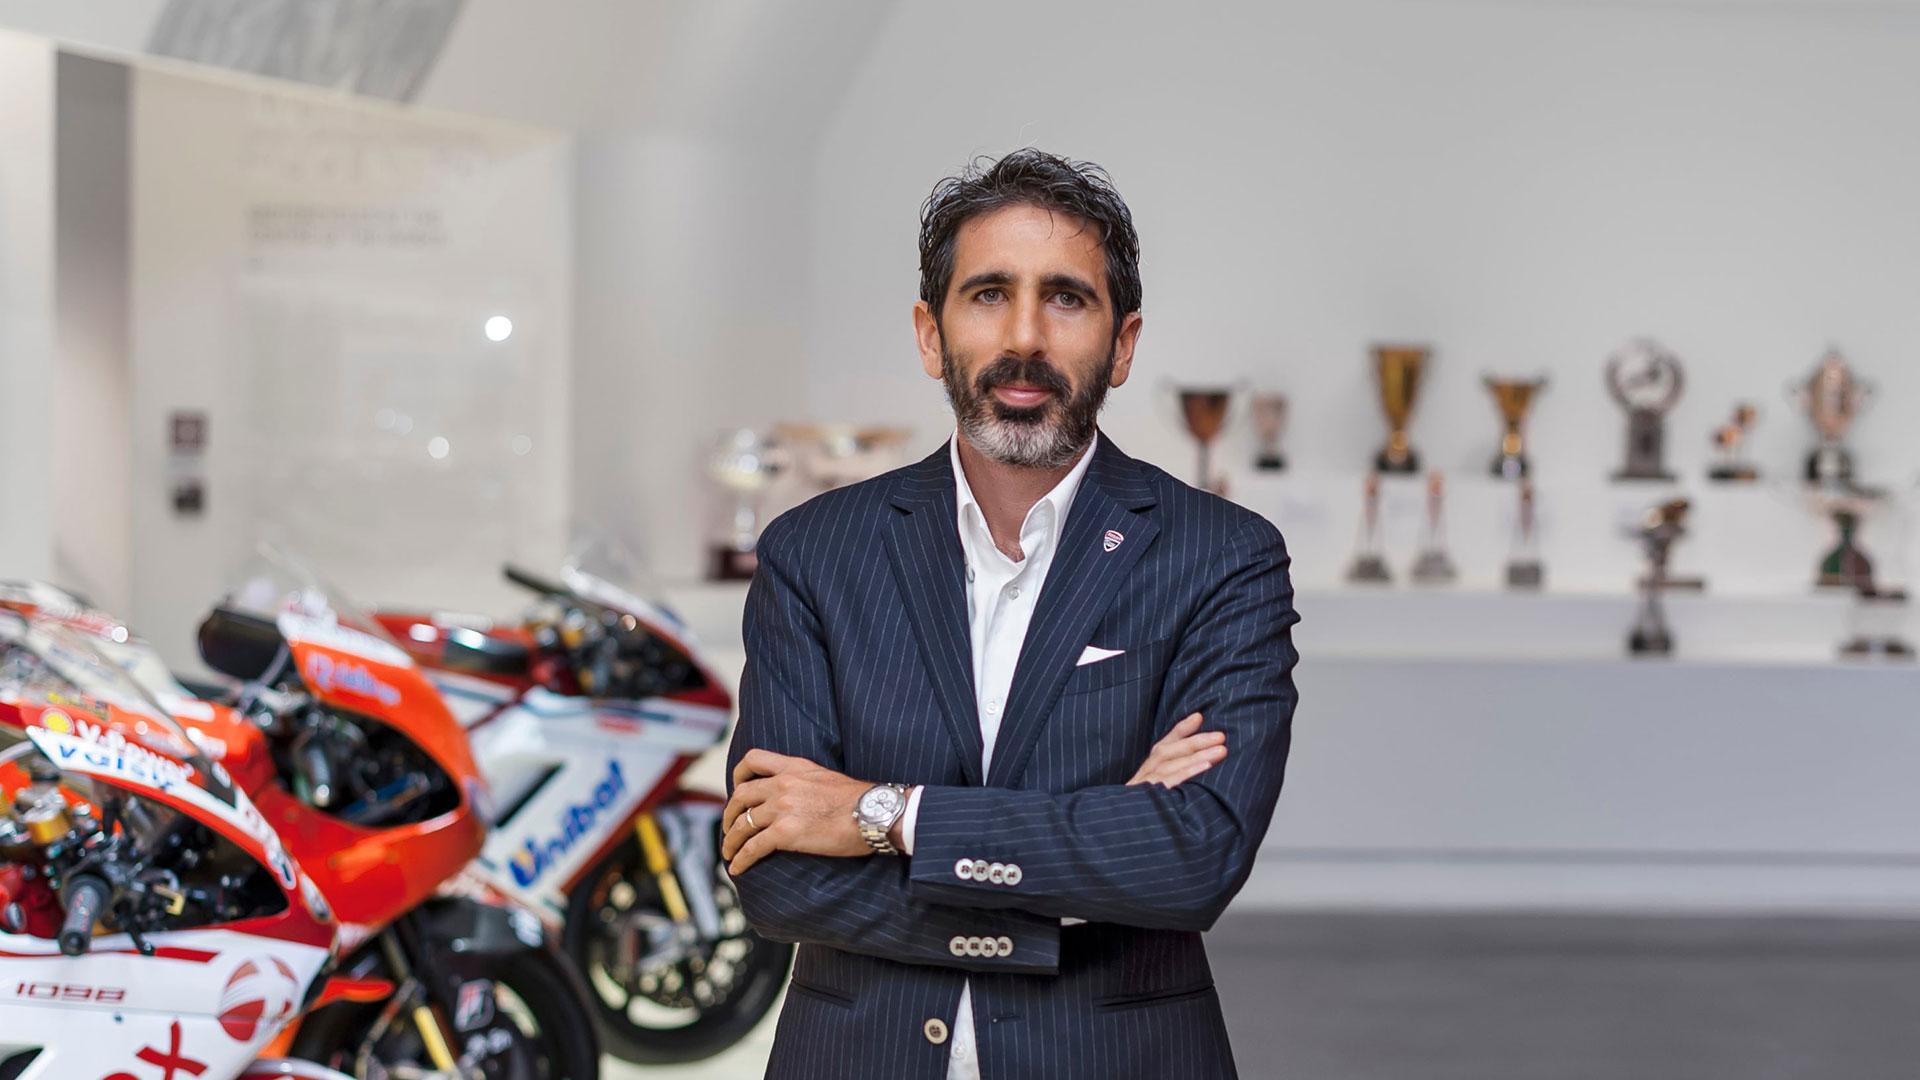 Año récord para Ducati: más entregas en los primeros nueve meses de 2021 que en todo 2020